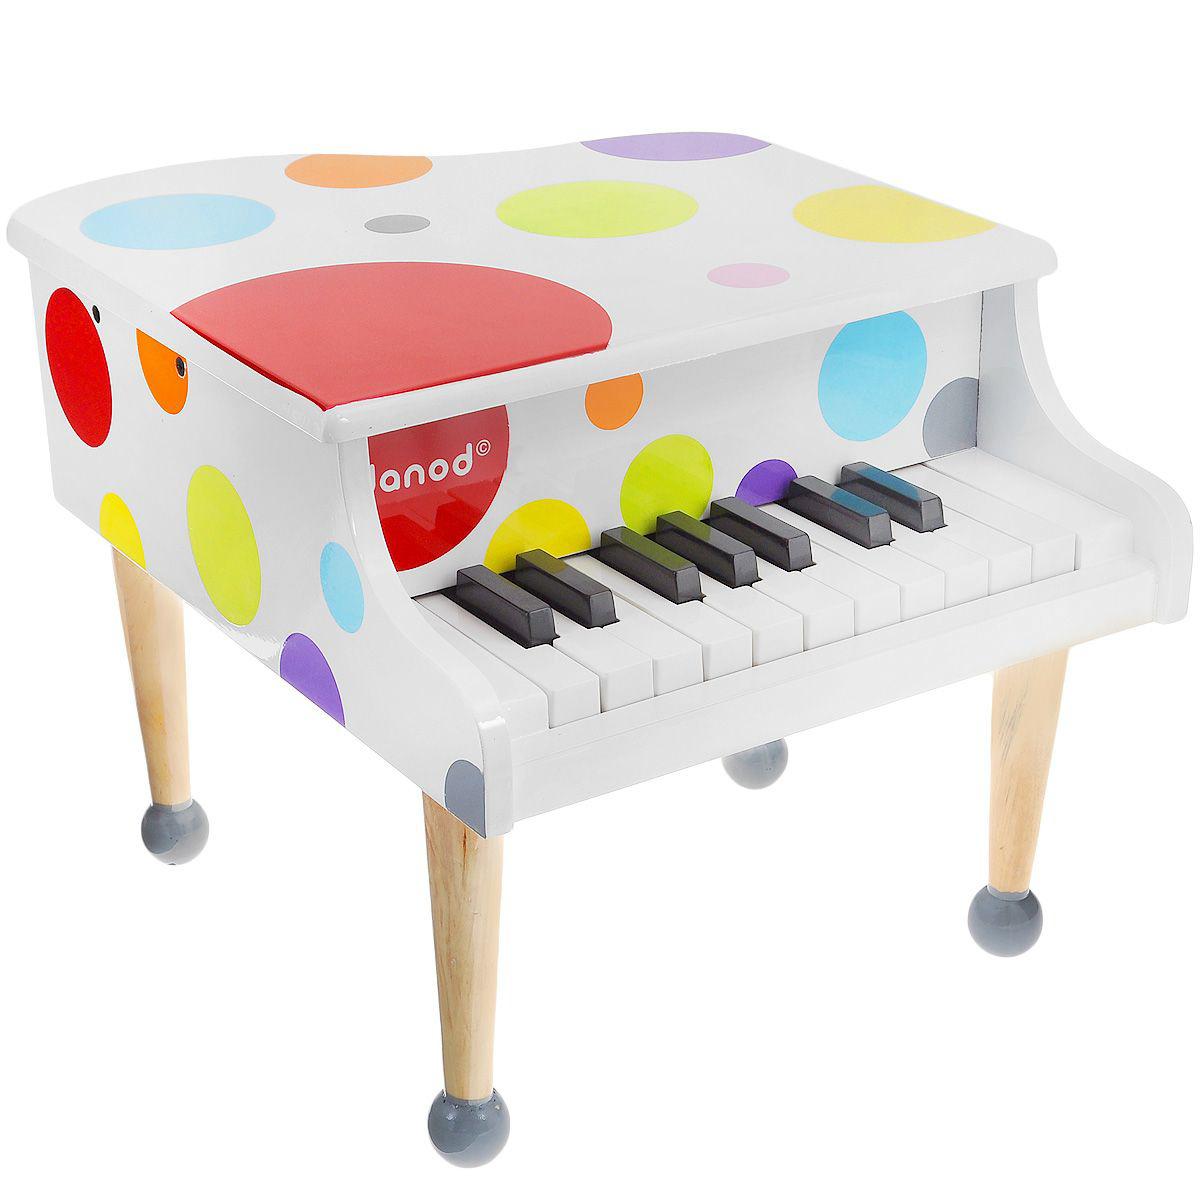 Рояль белыйСинтезаторы и пианино<br>Рояль белый<br>